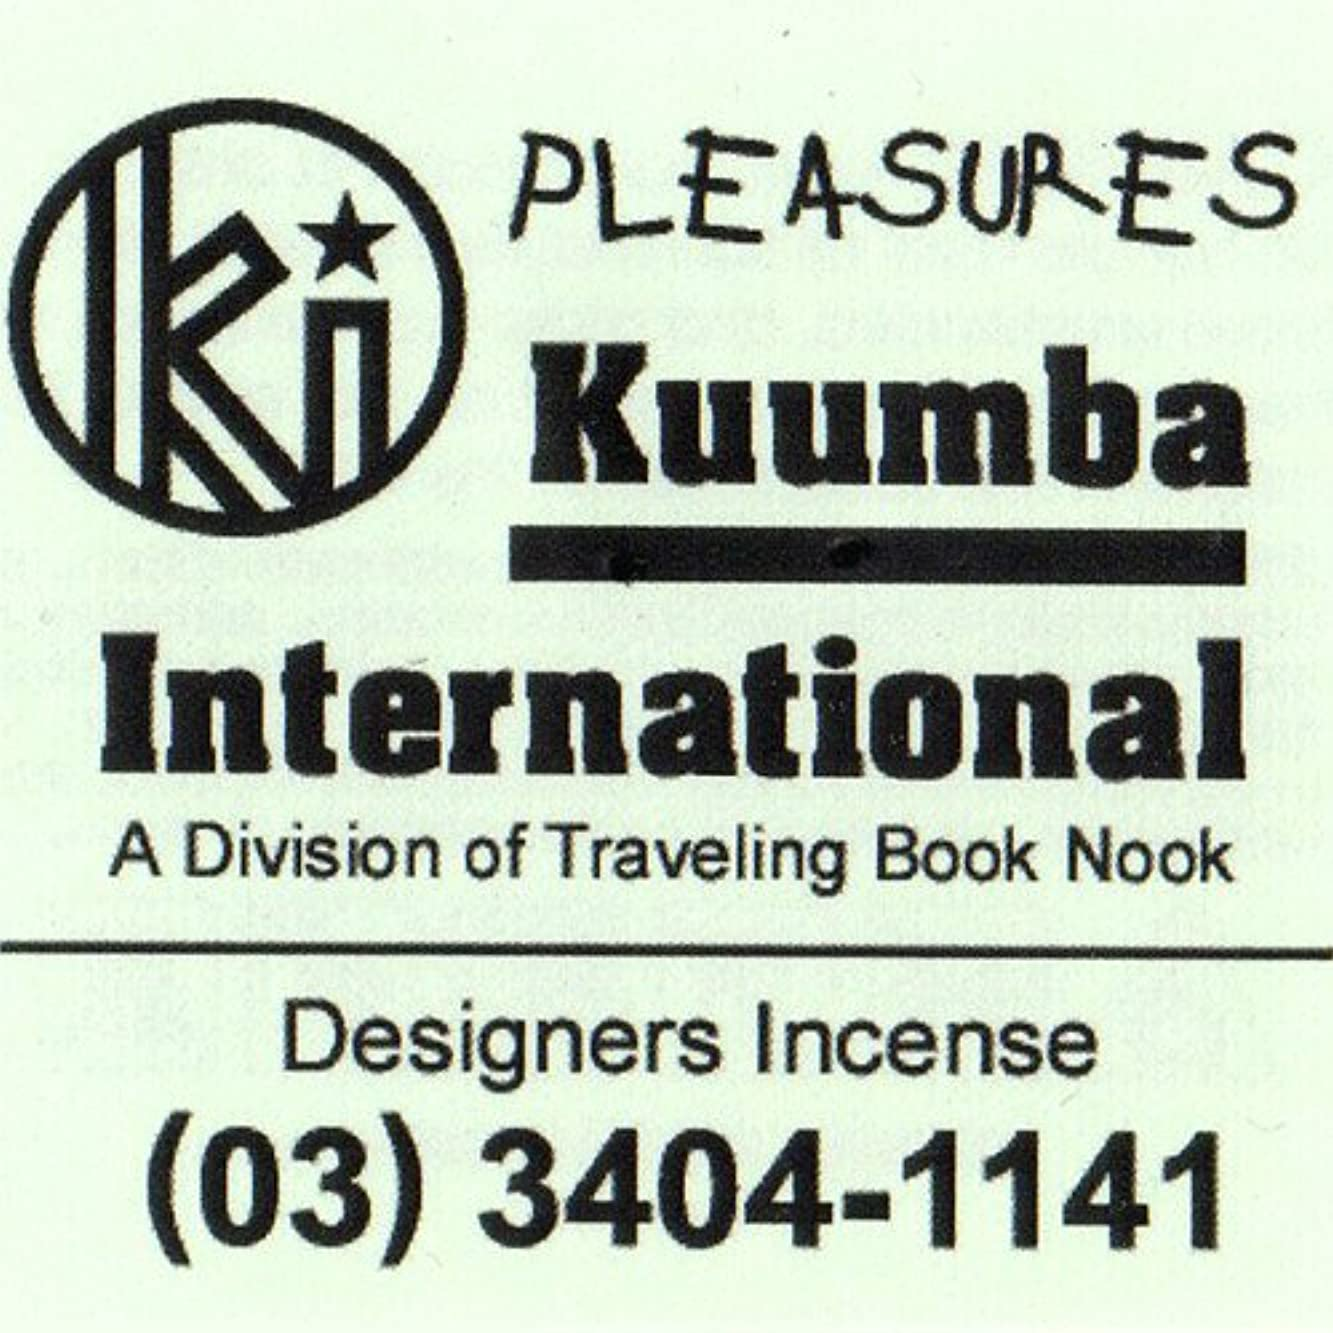 してはいけませんスケジュール専門用語KUUMBA/クンバ『incense』(PLEASURES) (Regular size)